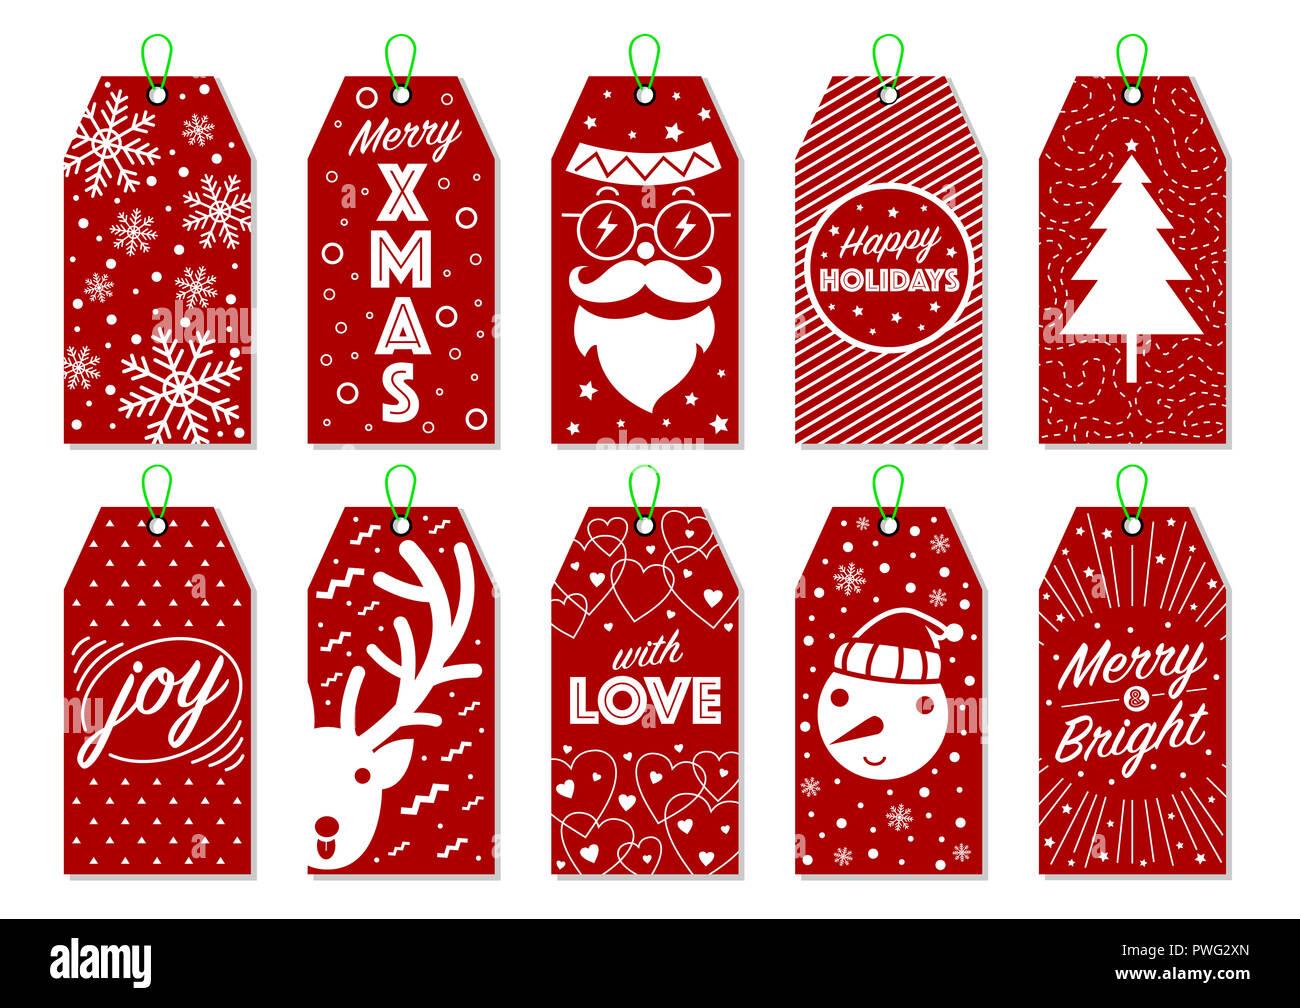 Collection De 10 Etiquettes Cadeaux De Noel Etiquettes Noel Cool